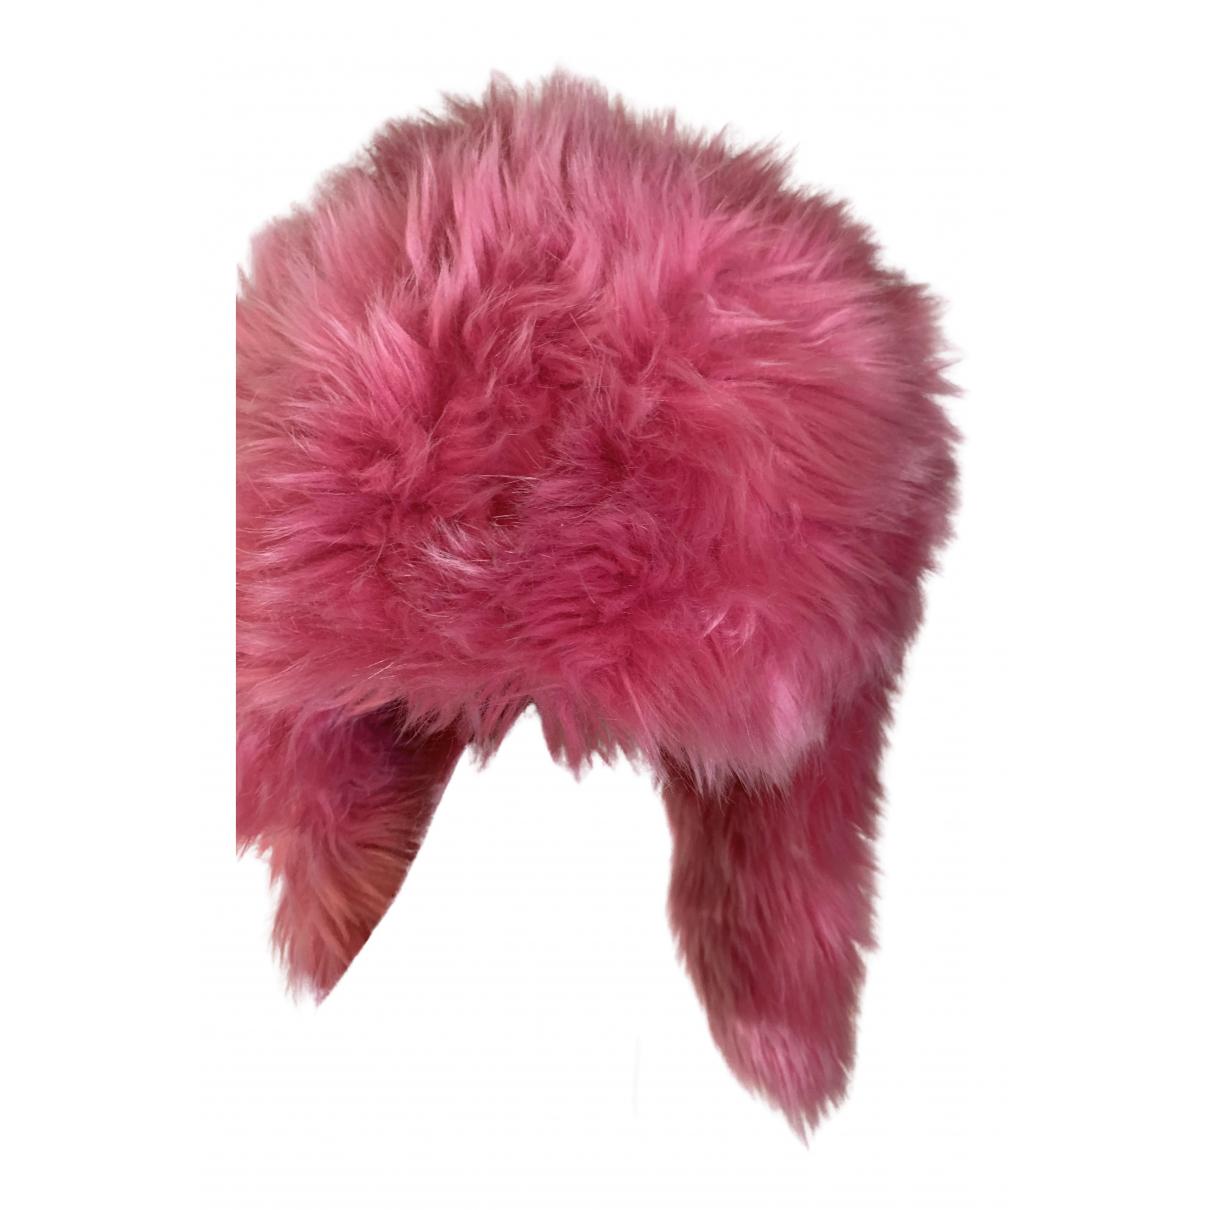 Prada - Chapeau   pour femme en fourrure synthetique - rose